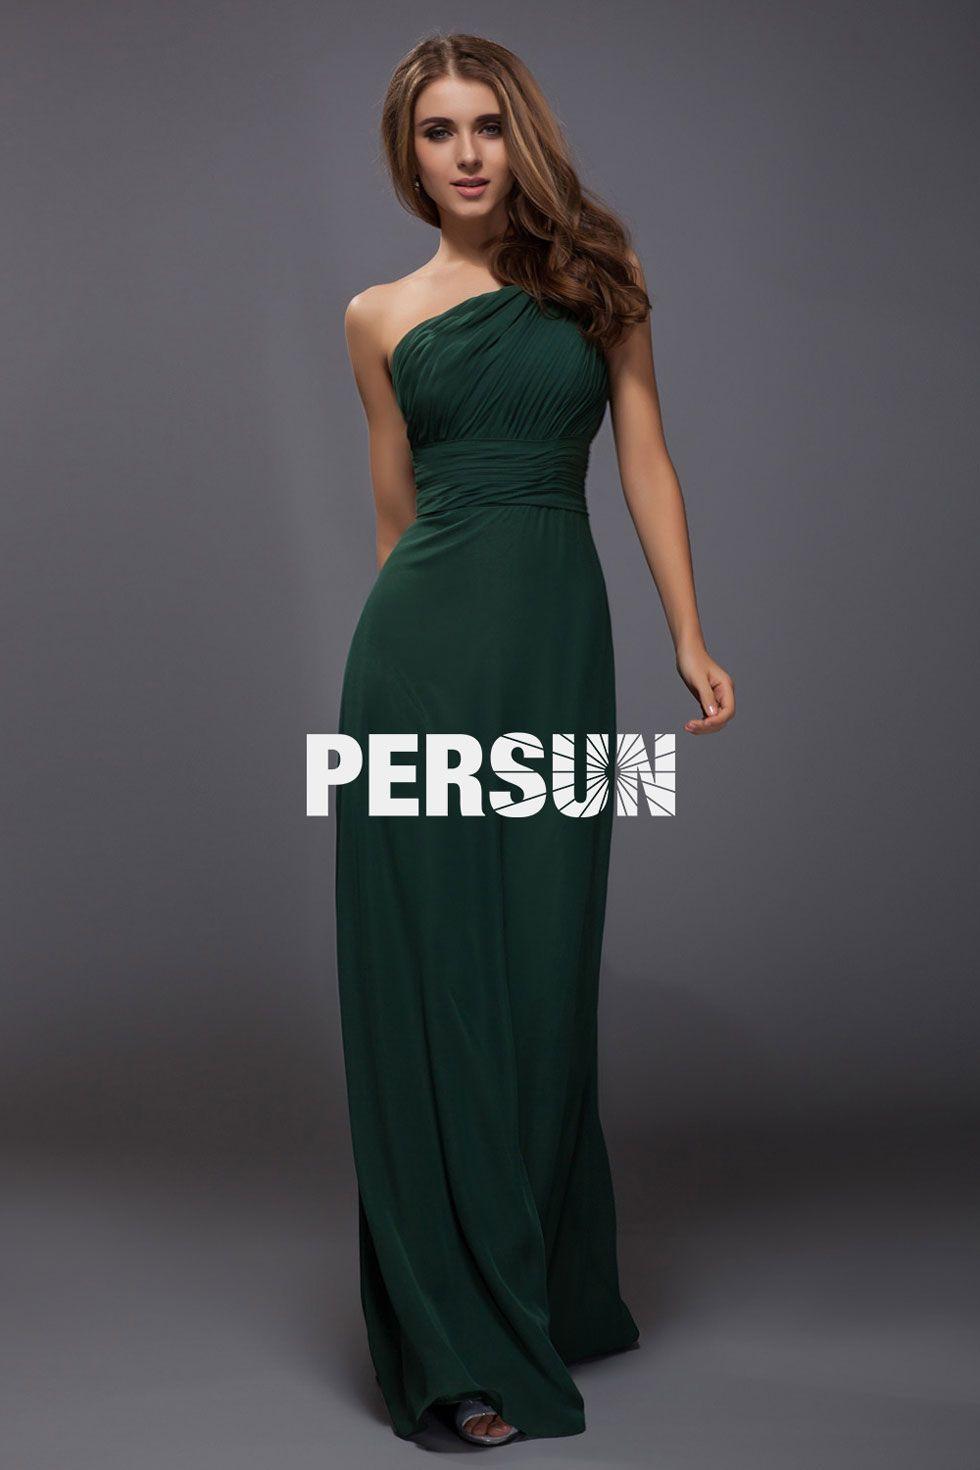 20 Wunderbar Abendkleid A Linie Festliche Abendbekleidung für 201913 Luxus Abendkleid A Linie Festliche Abendbekleidung Bester Preis